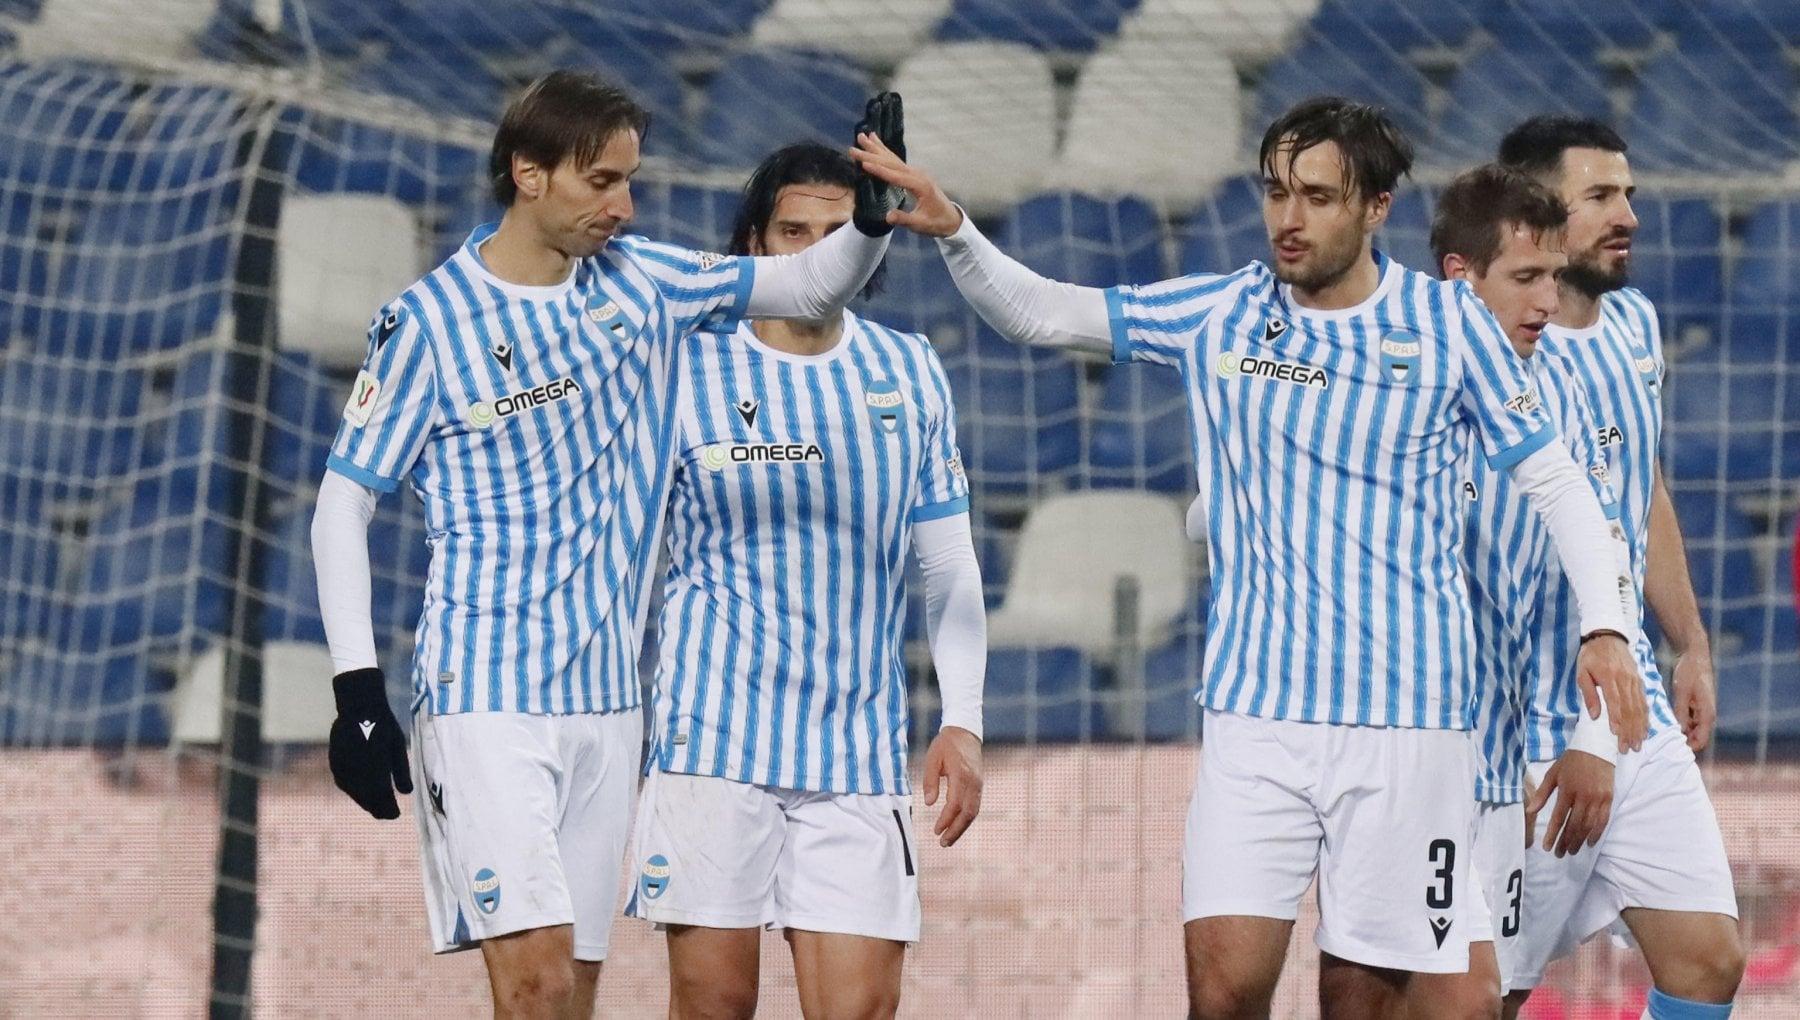 Coppa Italia Sassuolo Spal 0 2 la squadra di Ferrara si regala i quarti con la Juve